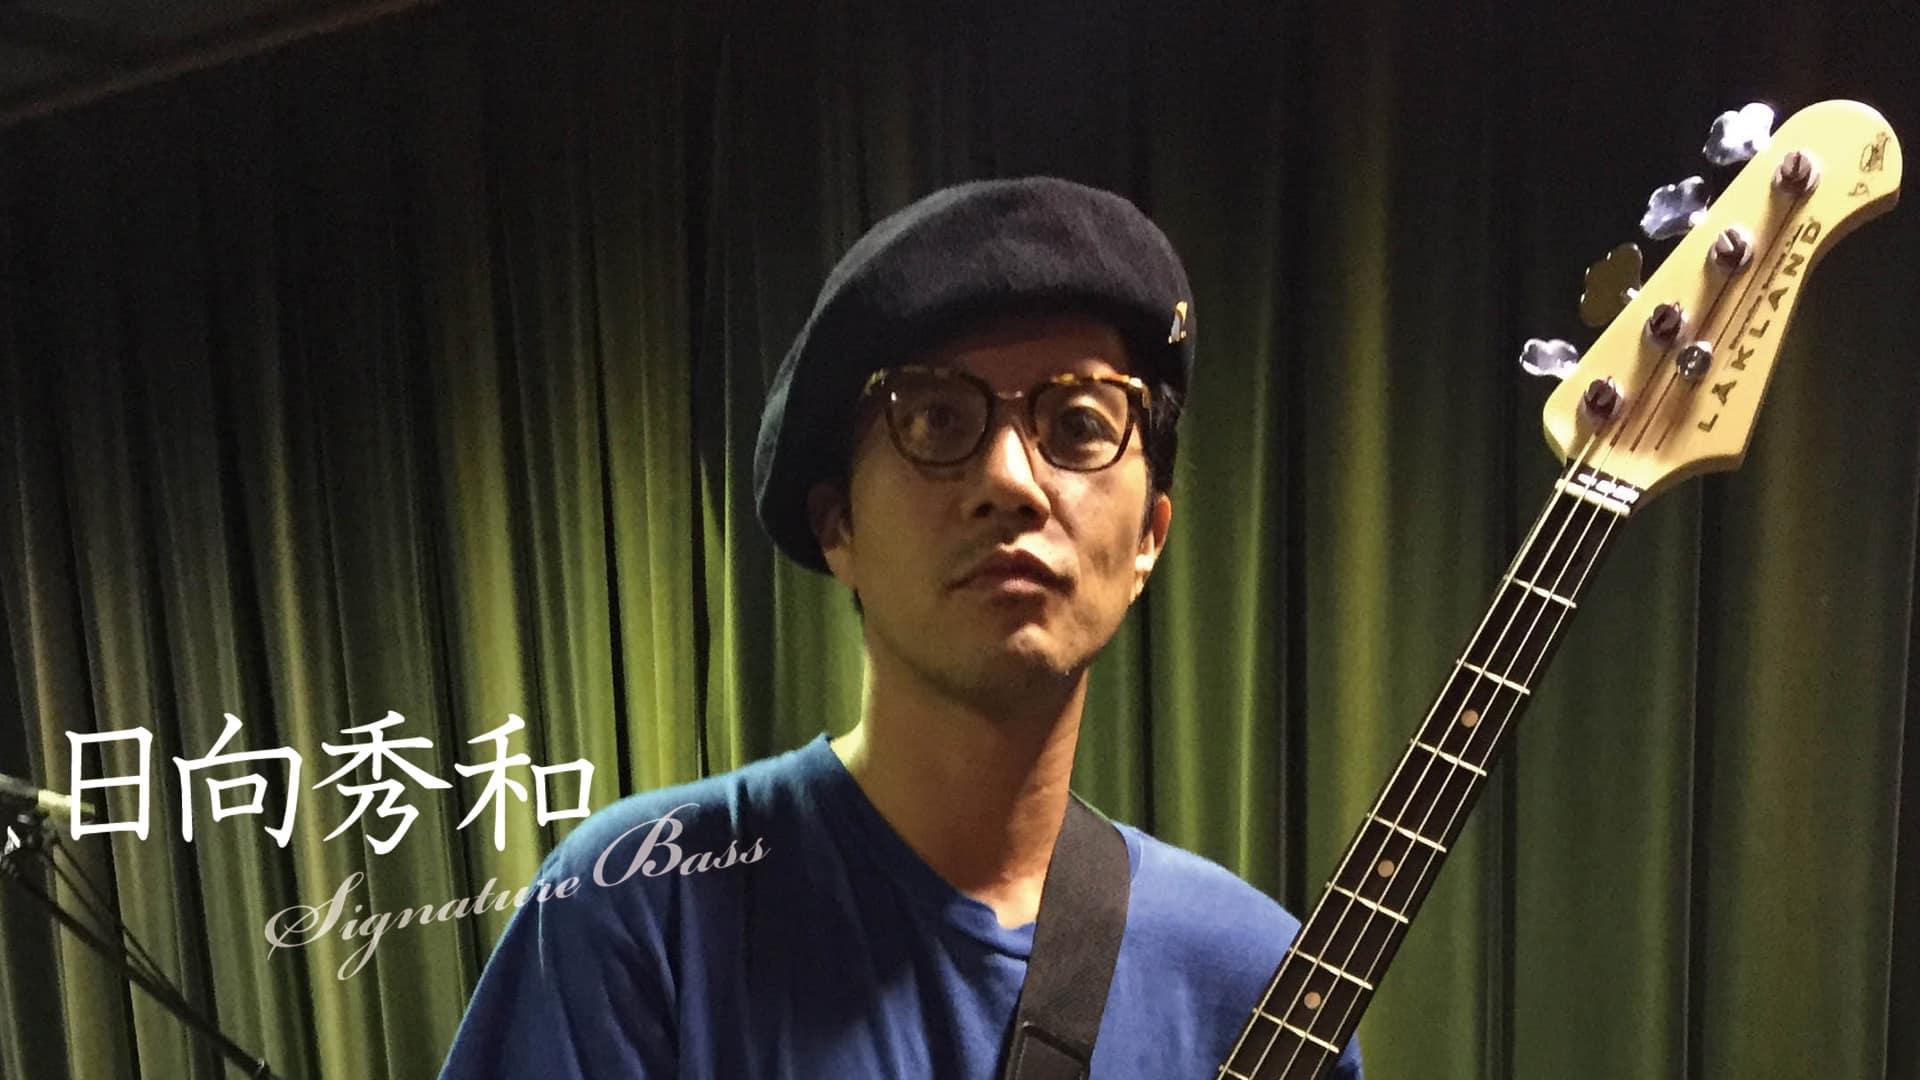 Hidekazu Hinata (日向秀和)